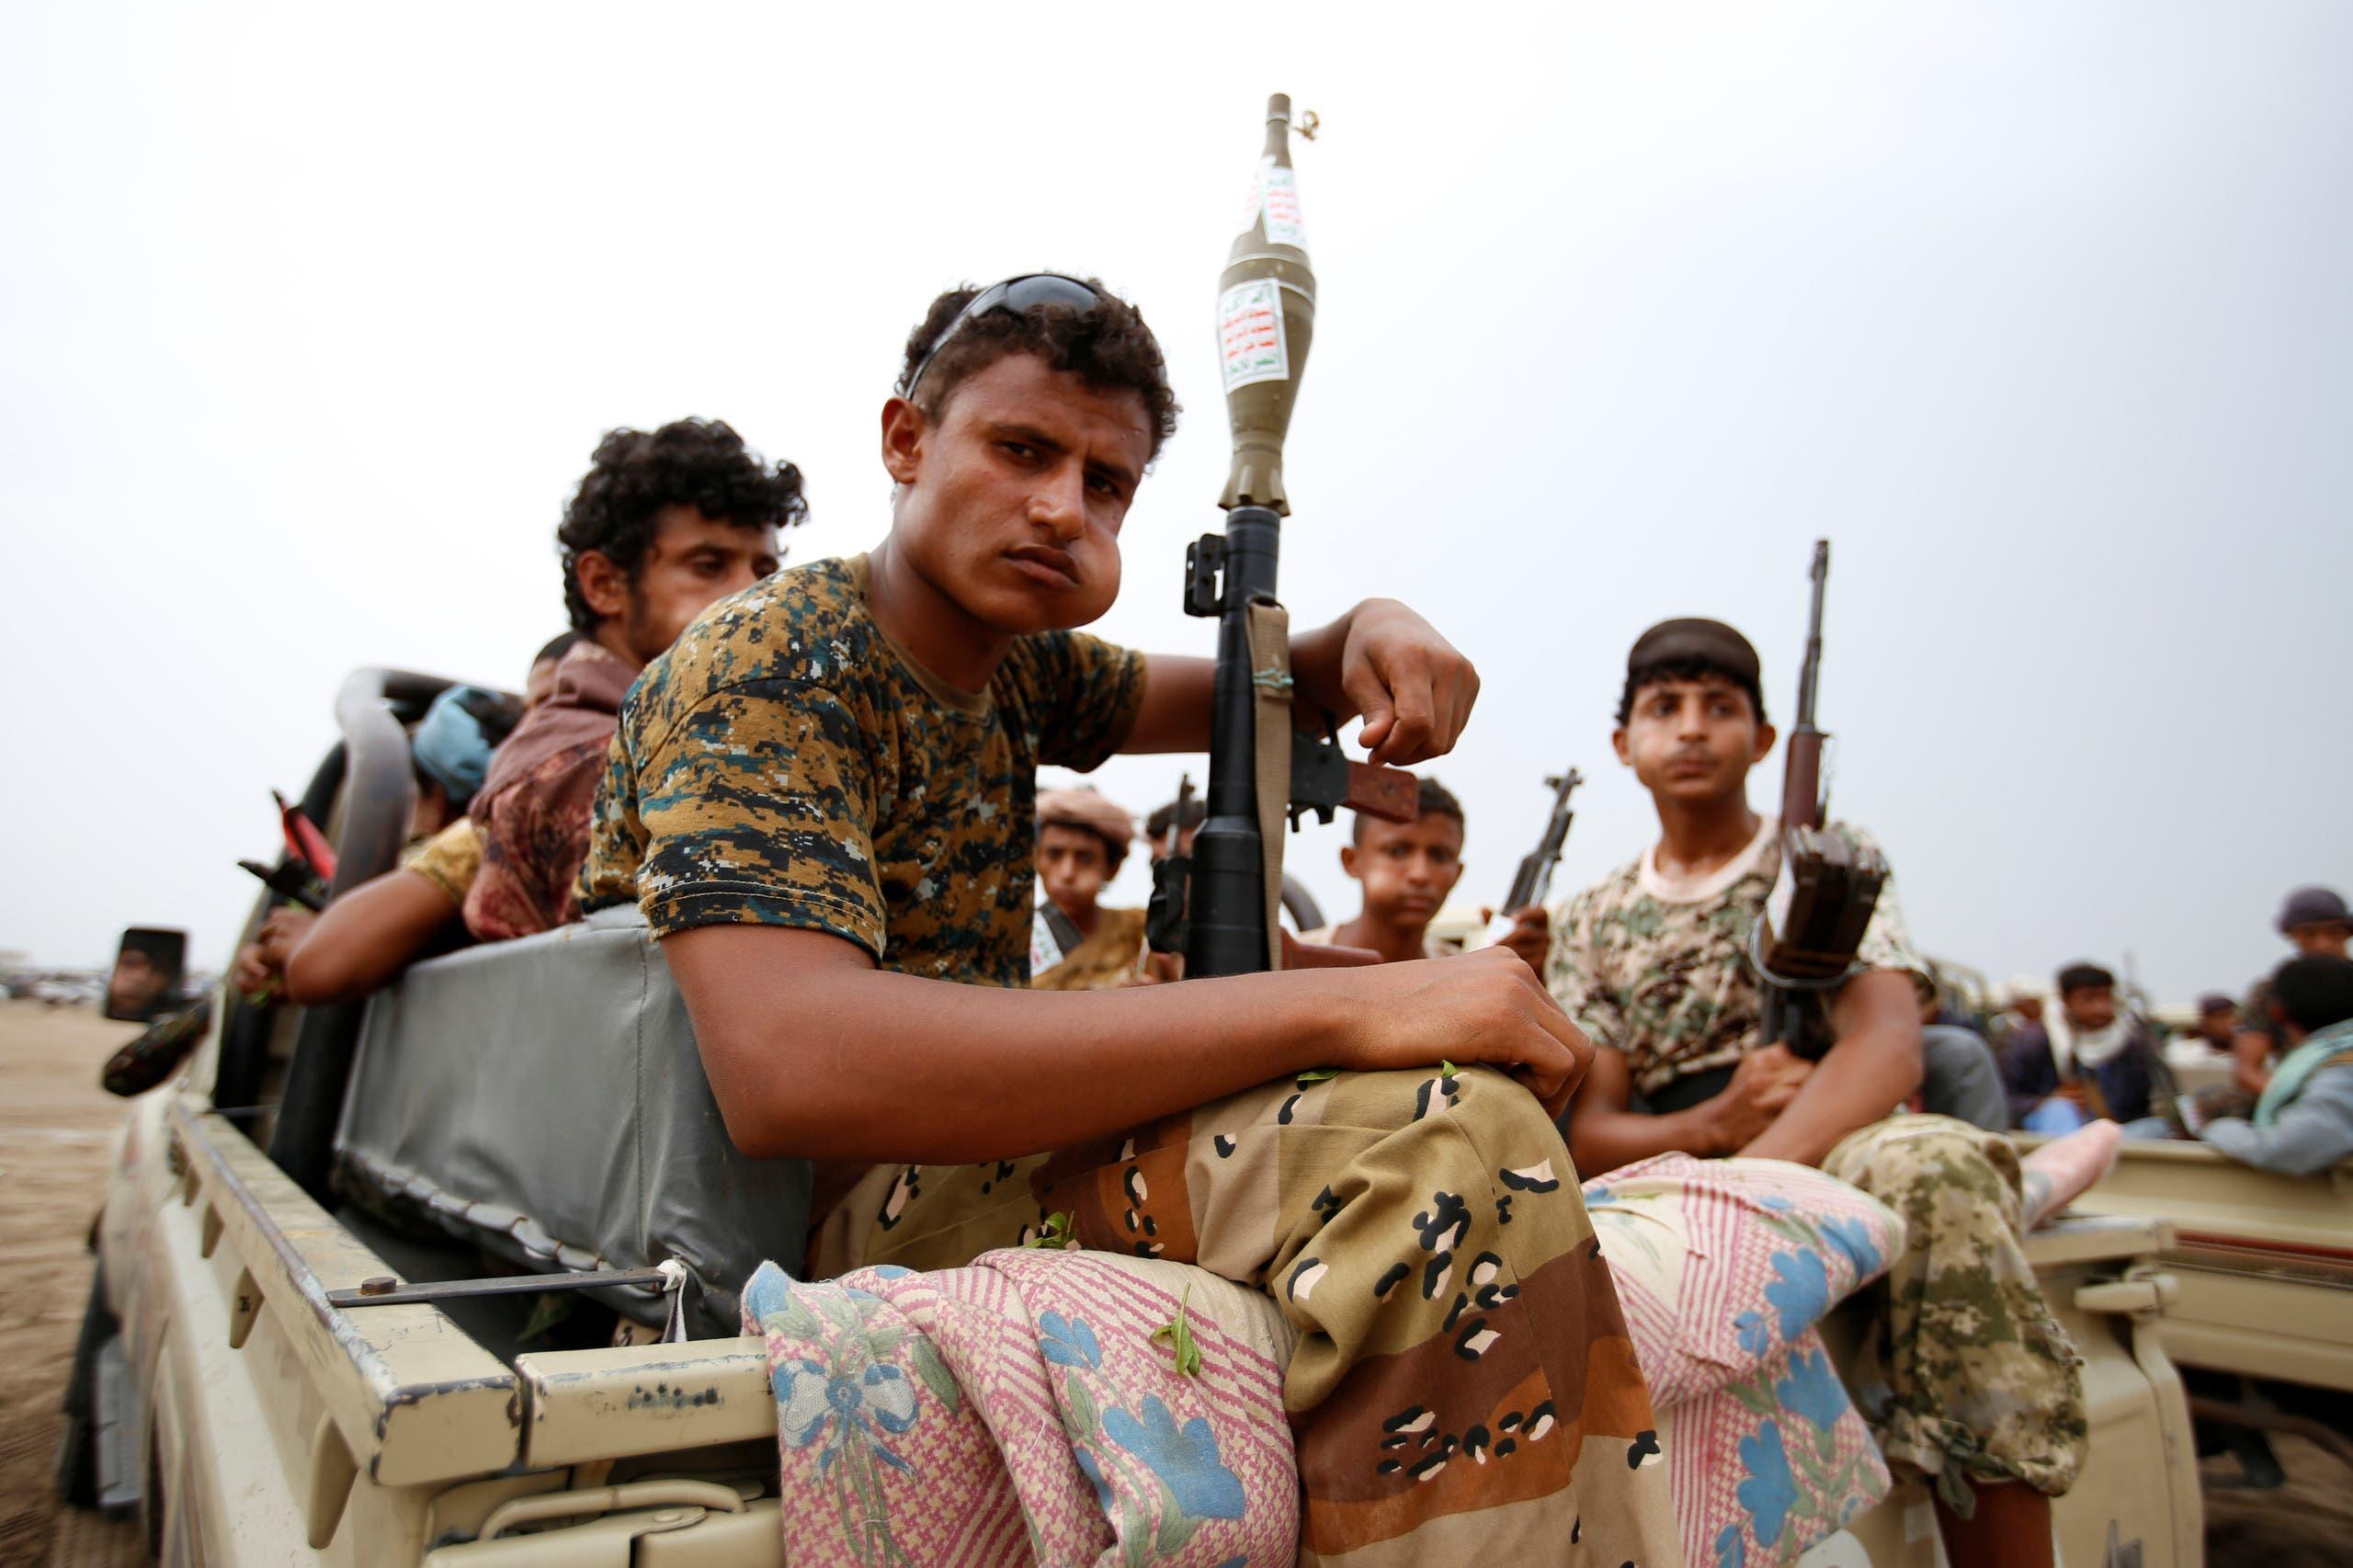 اعضای شبه نظامی حوثی در حدیده (رویترز)